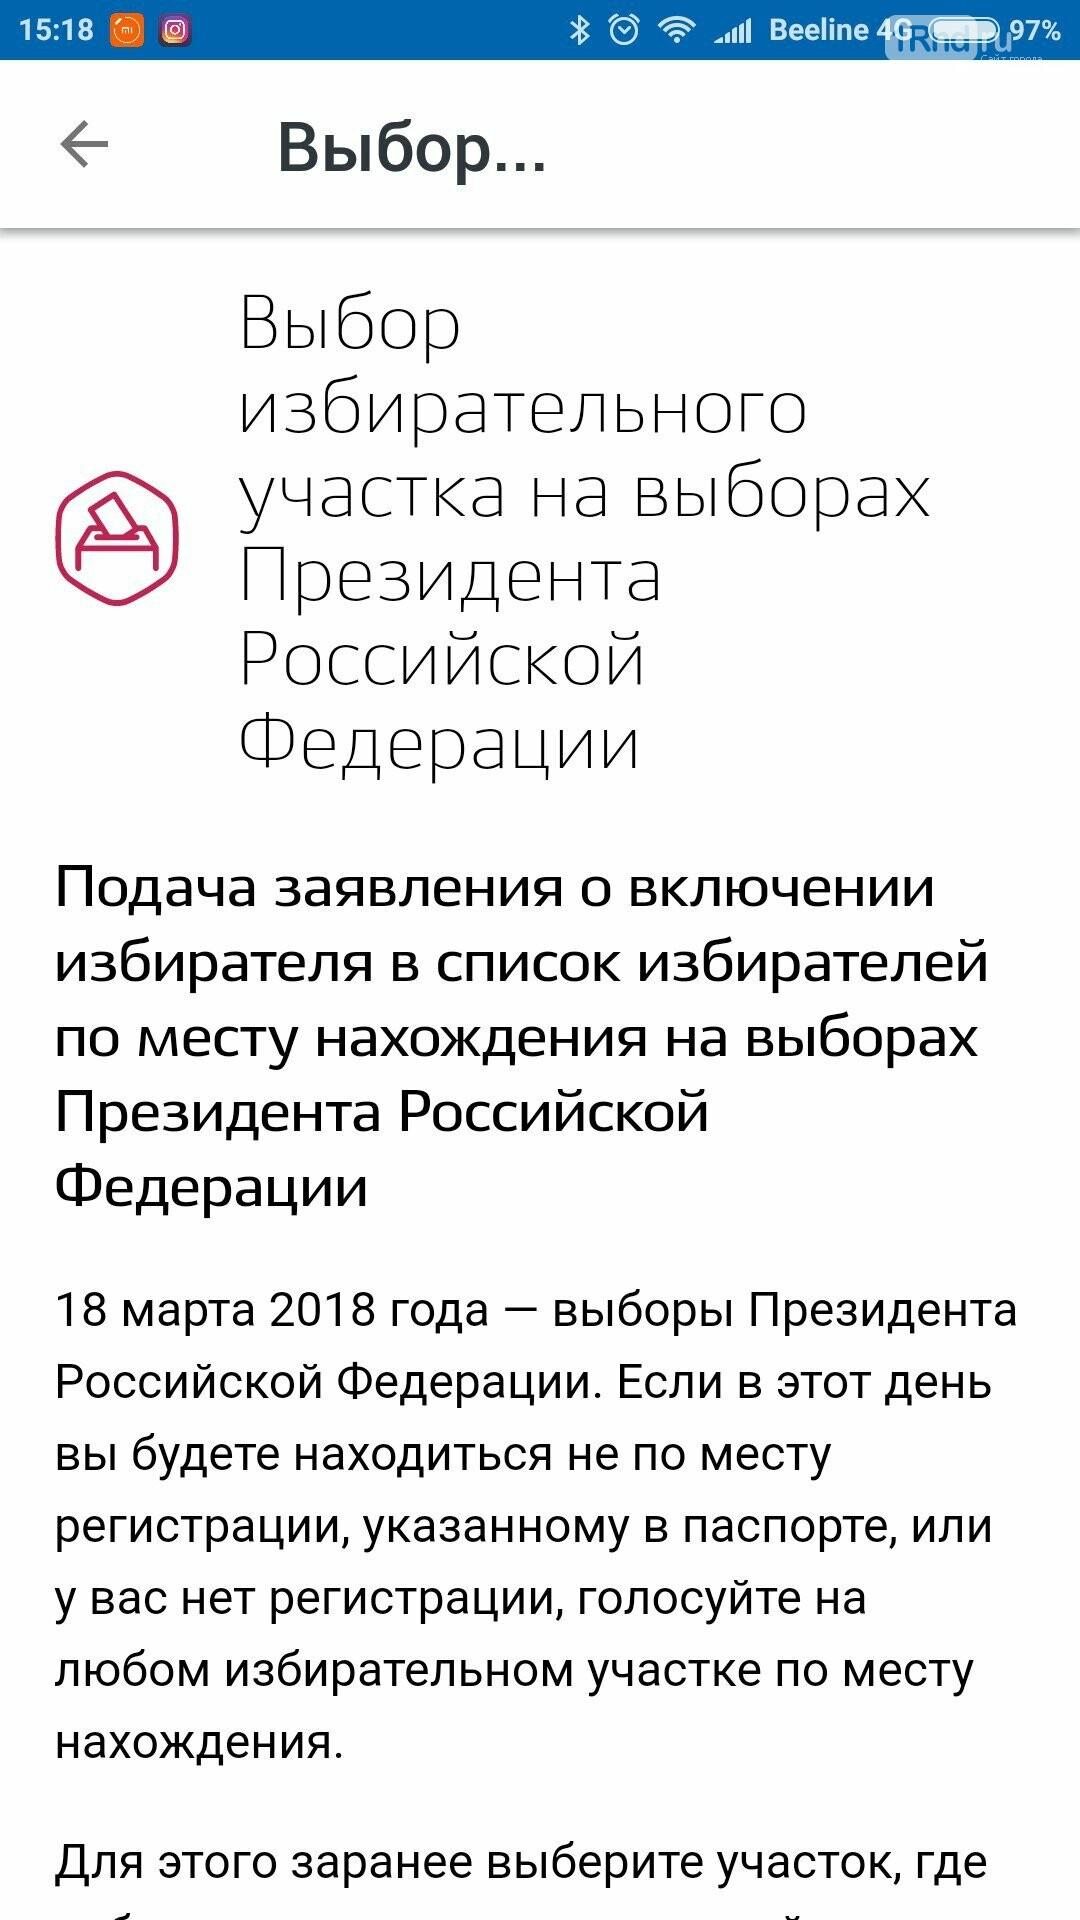 Как проголосовать в Ростове, если вы прописаны в другом регионе, фото-1, Источник: приложение госуслуг